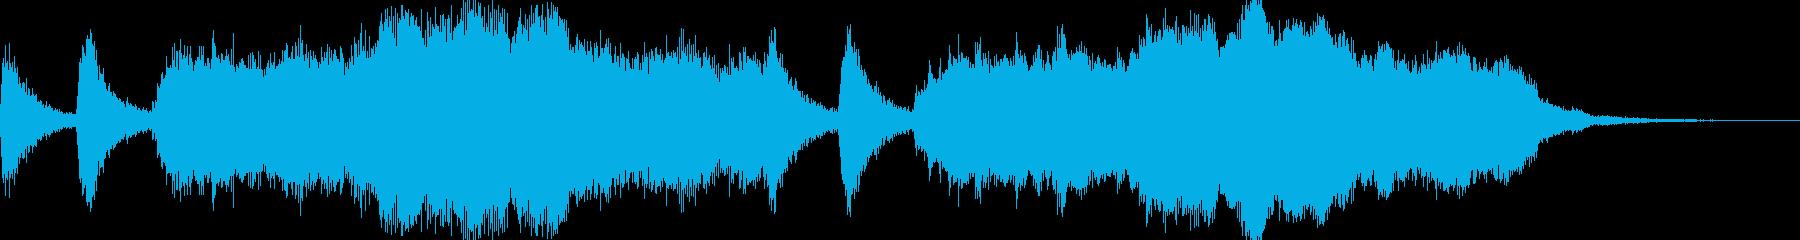 和風=公家さん登場風ファンファーレの再生済みの波形